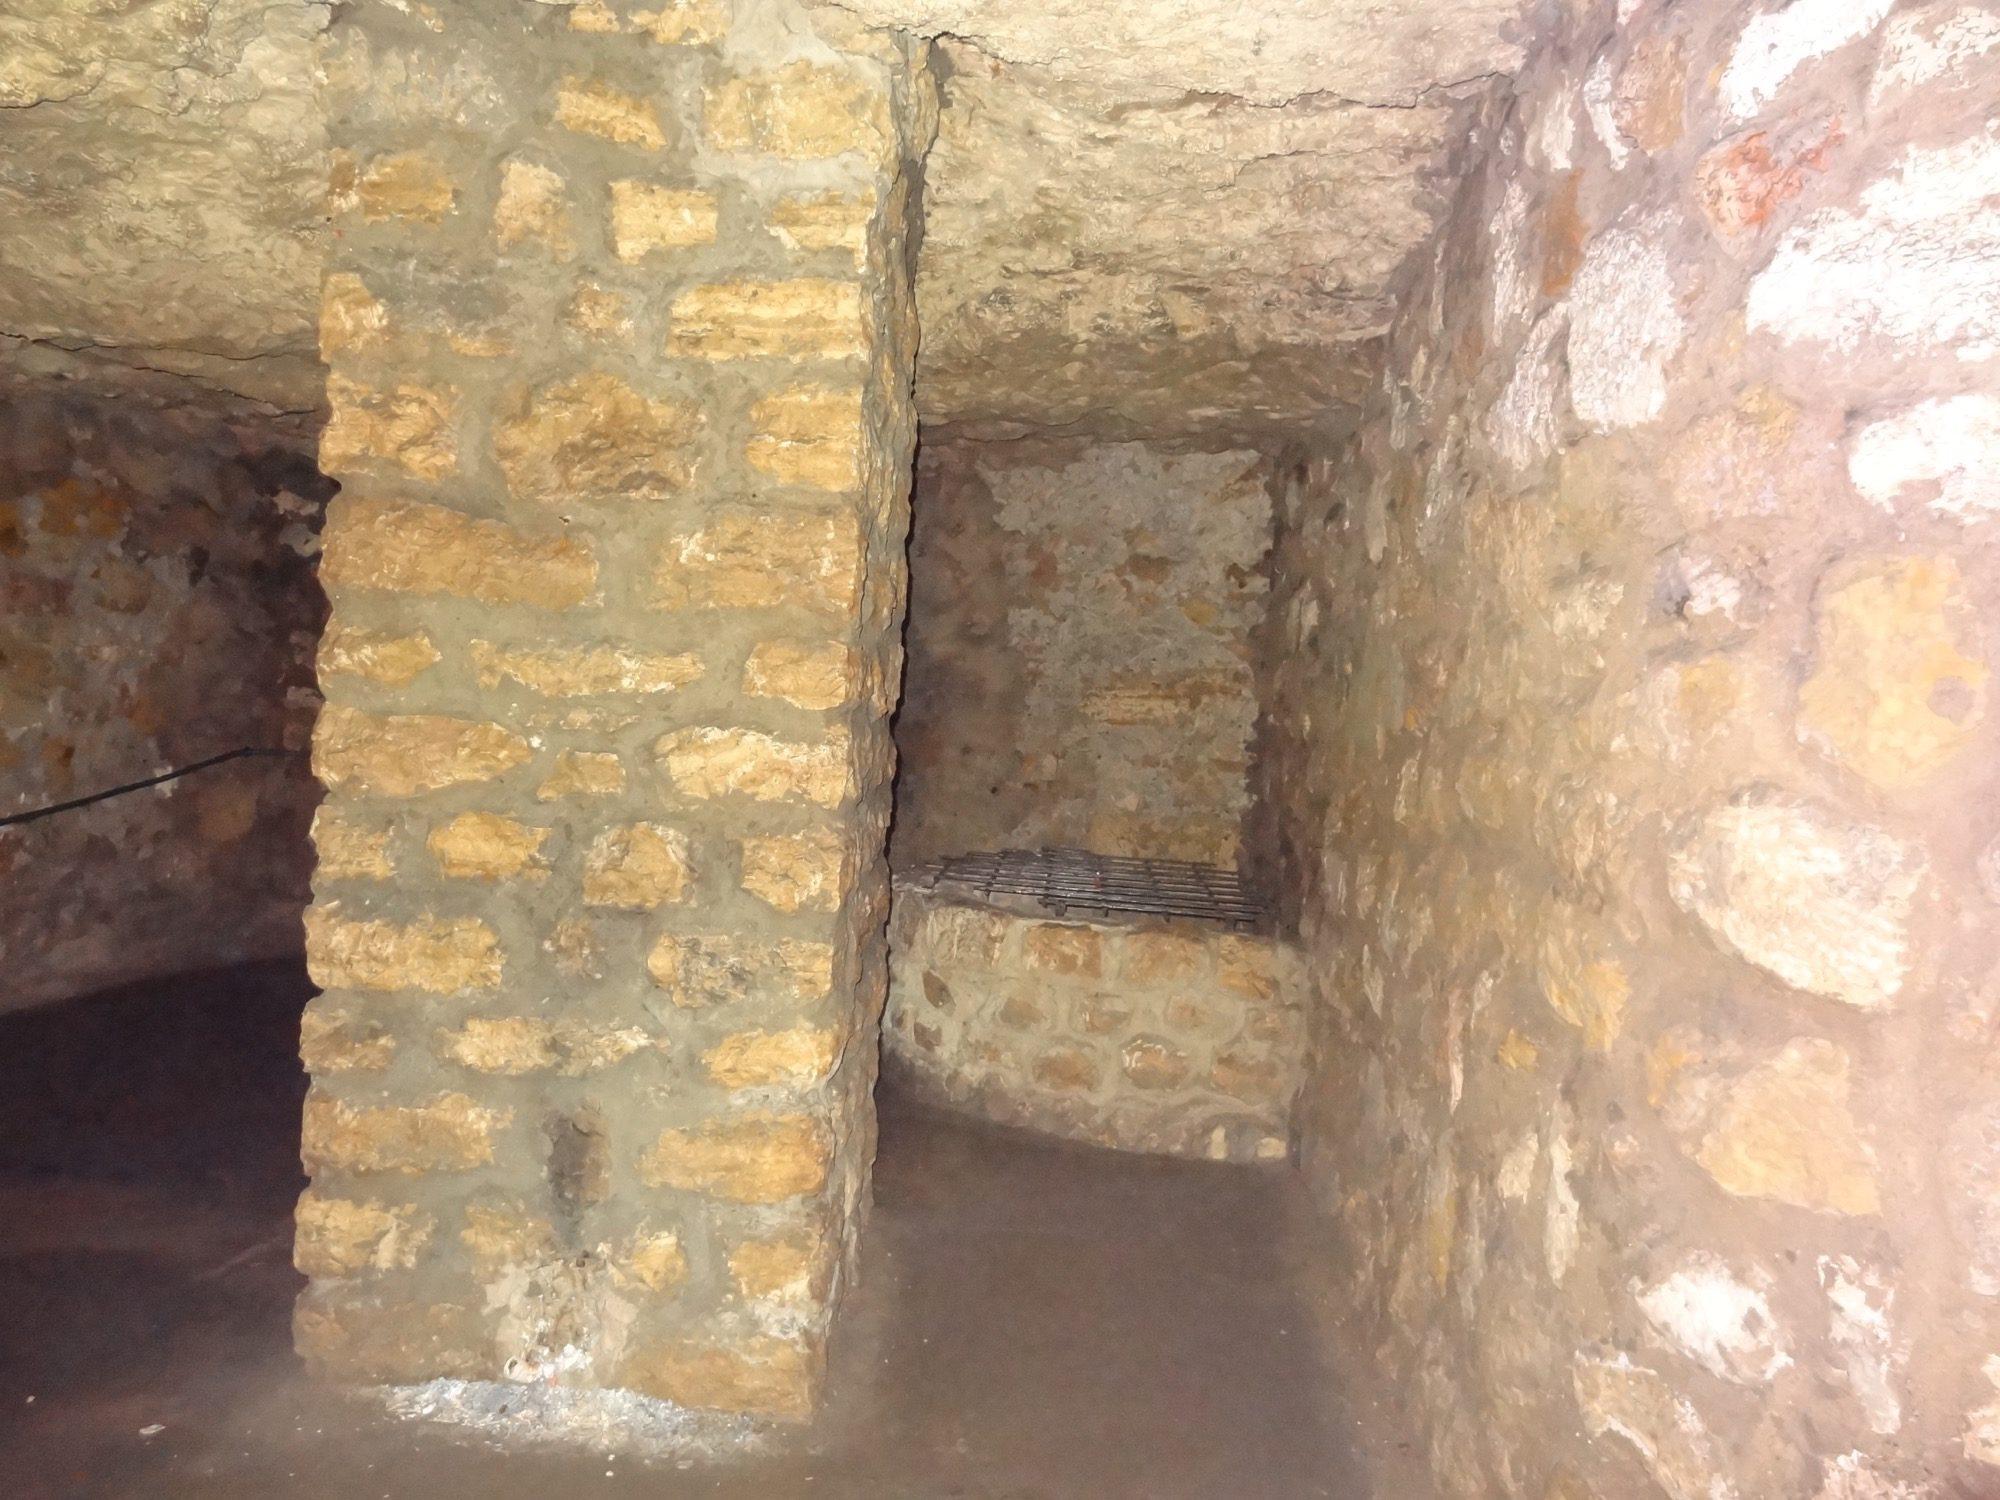 Buda Castle District Labirintus